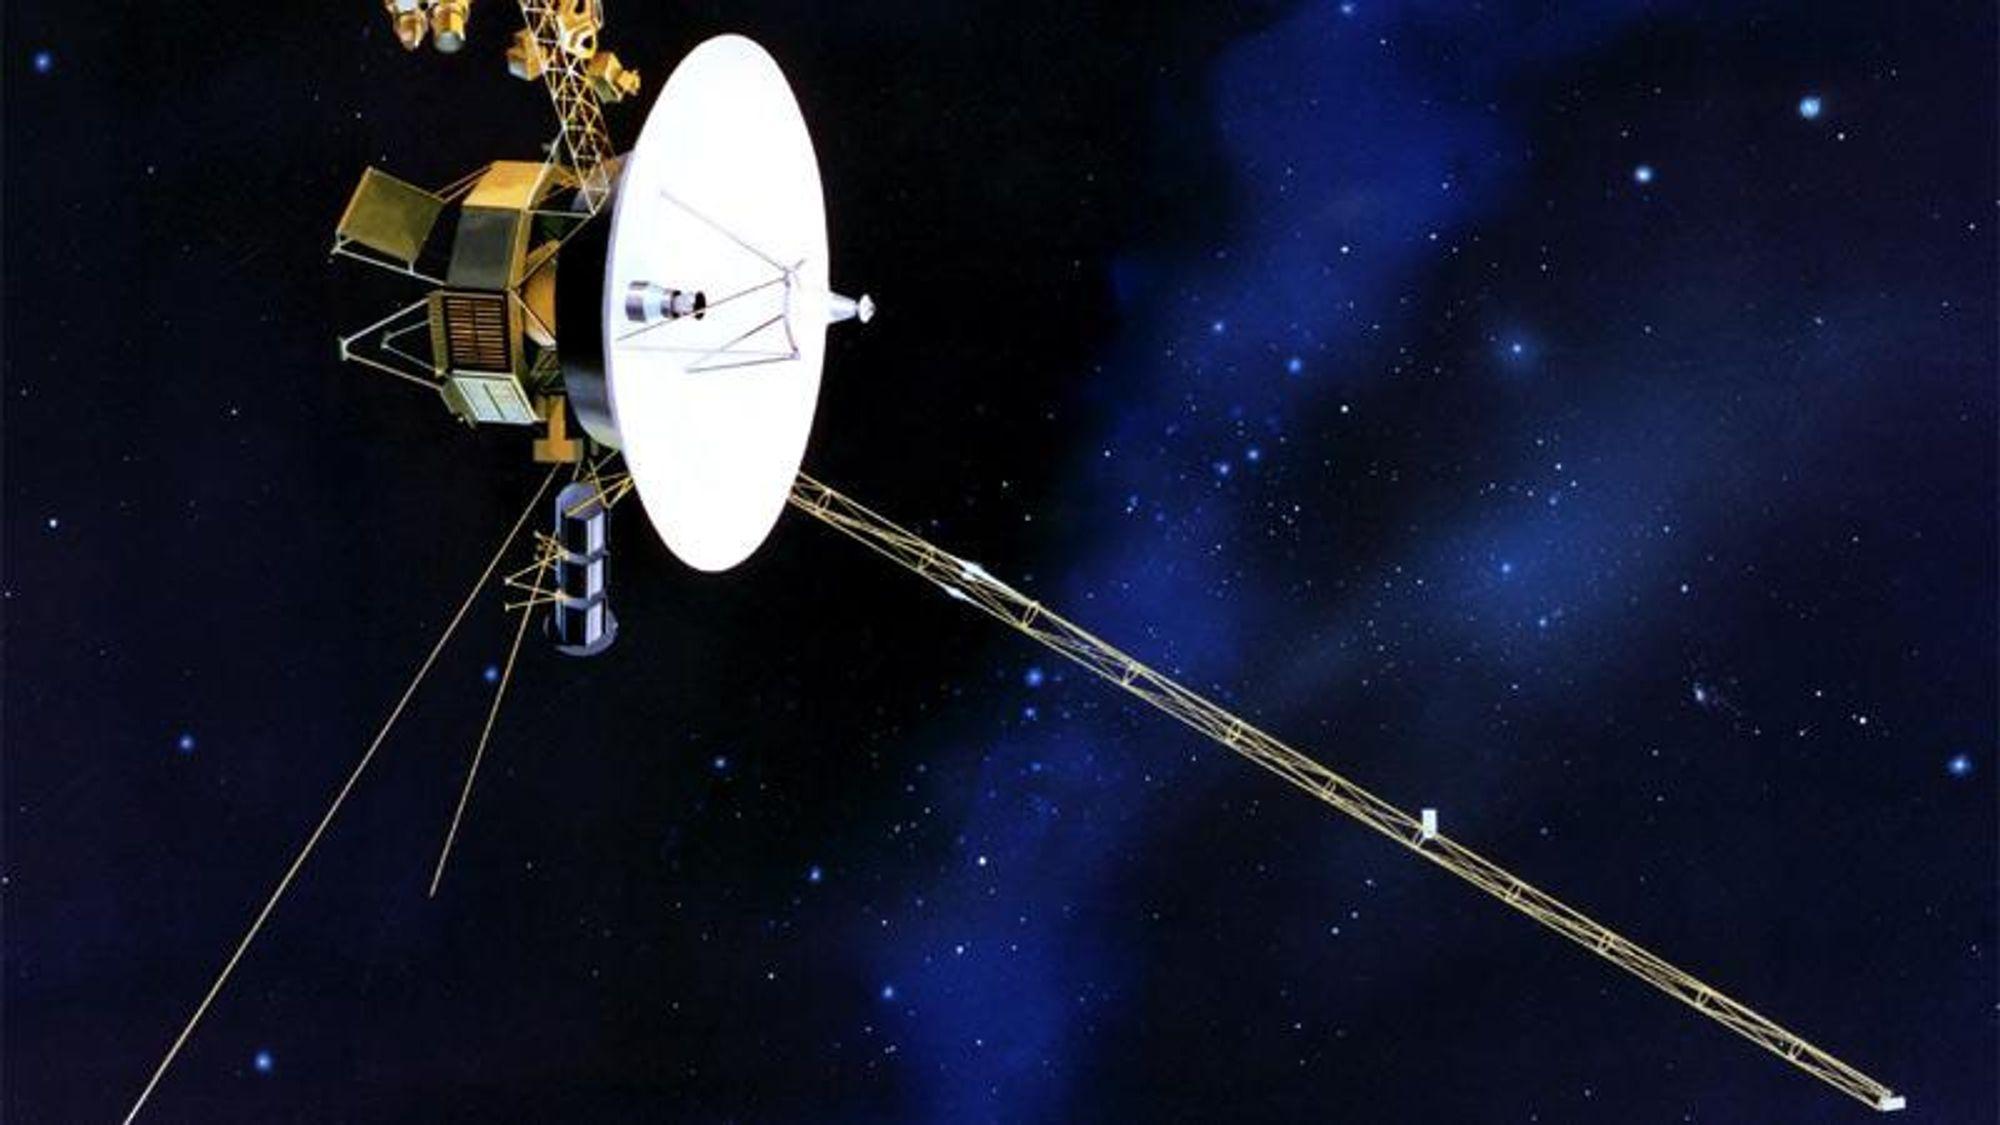 Voyager 1 er nå så langt ute i Solsystemet at den uforstyrret kan registrere om det finnes Hawking-stråling fra svært små sorte hull.